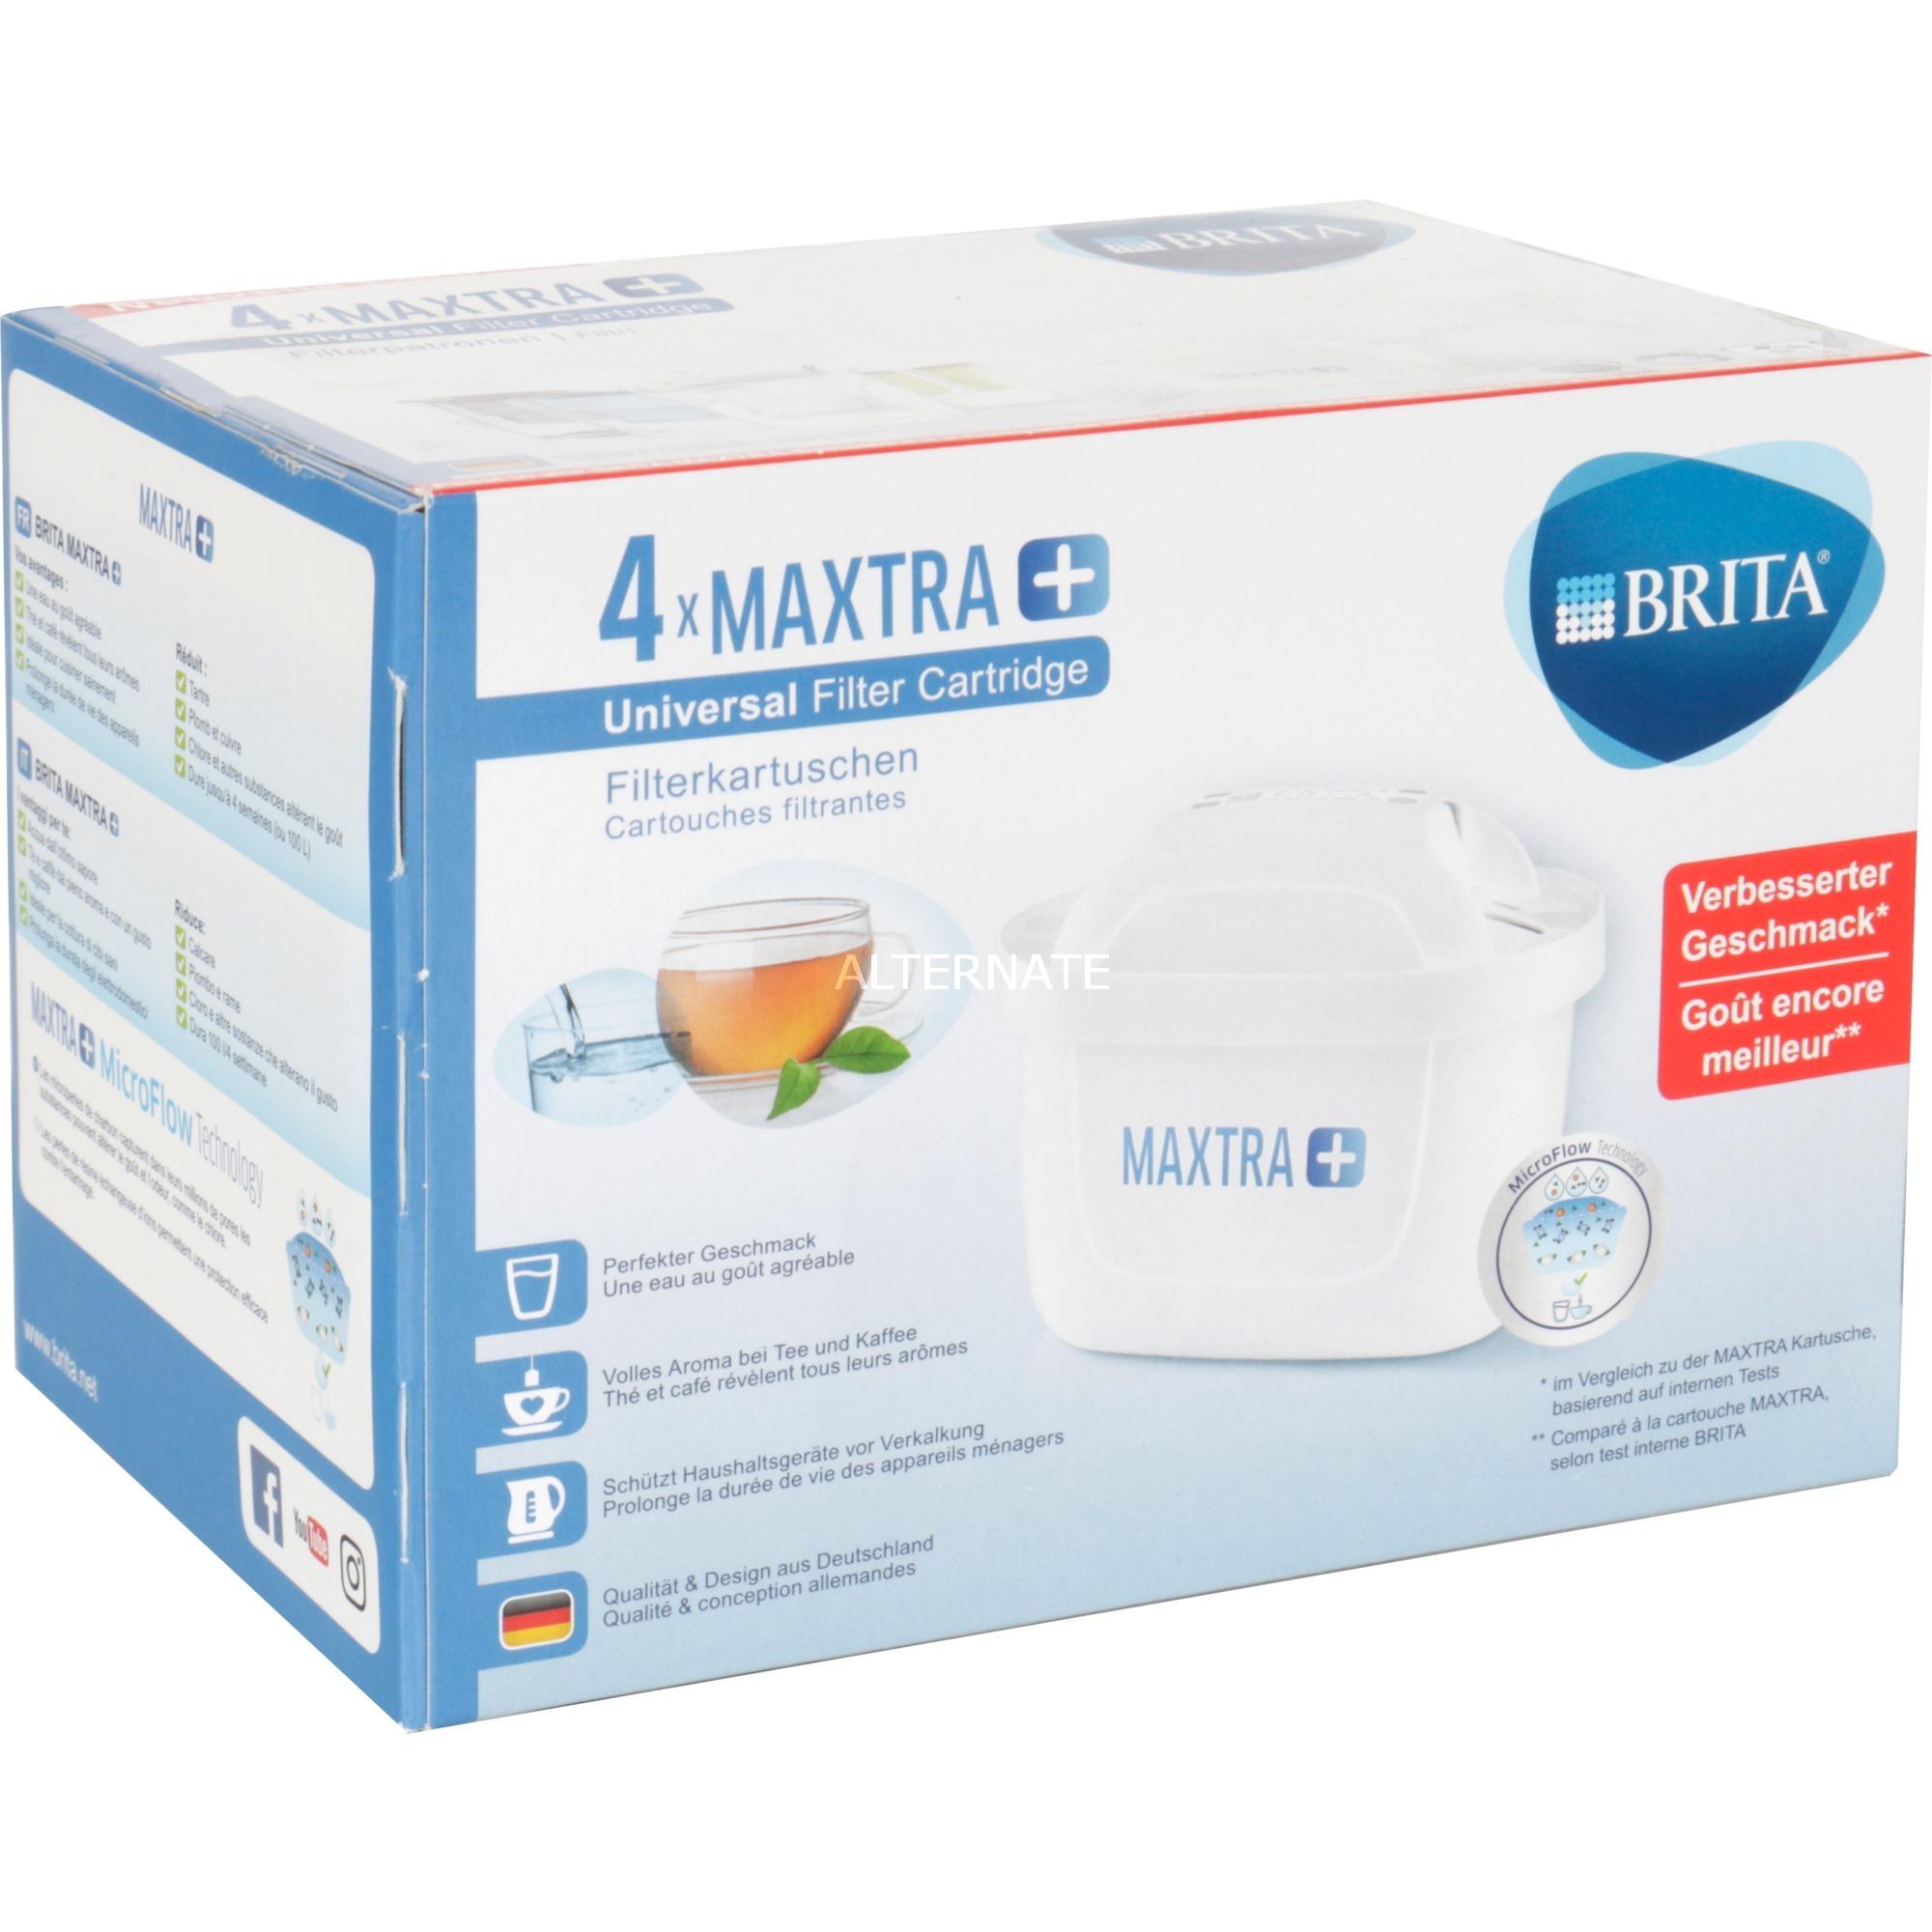 Maxtra+ 4-pack Cartucho 4pieza(s), Filtro de agua